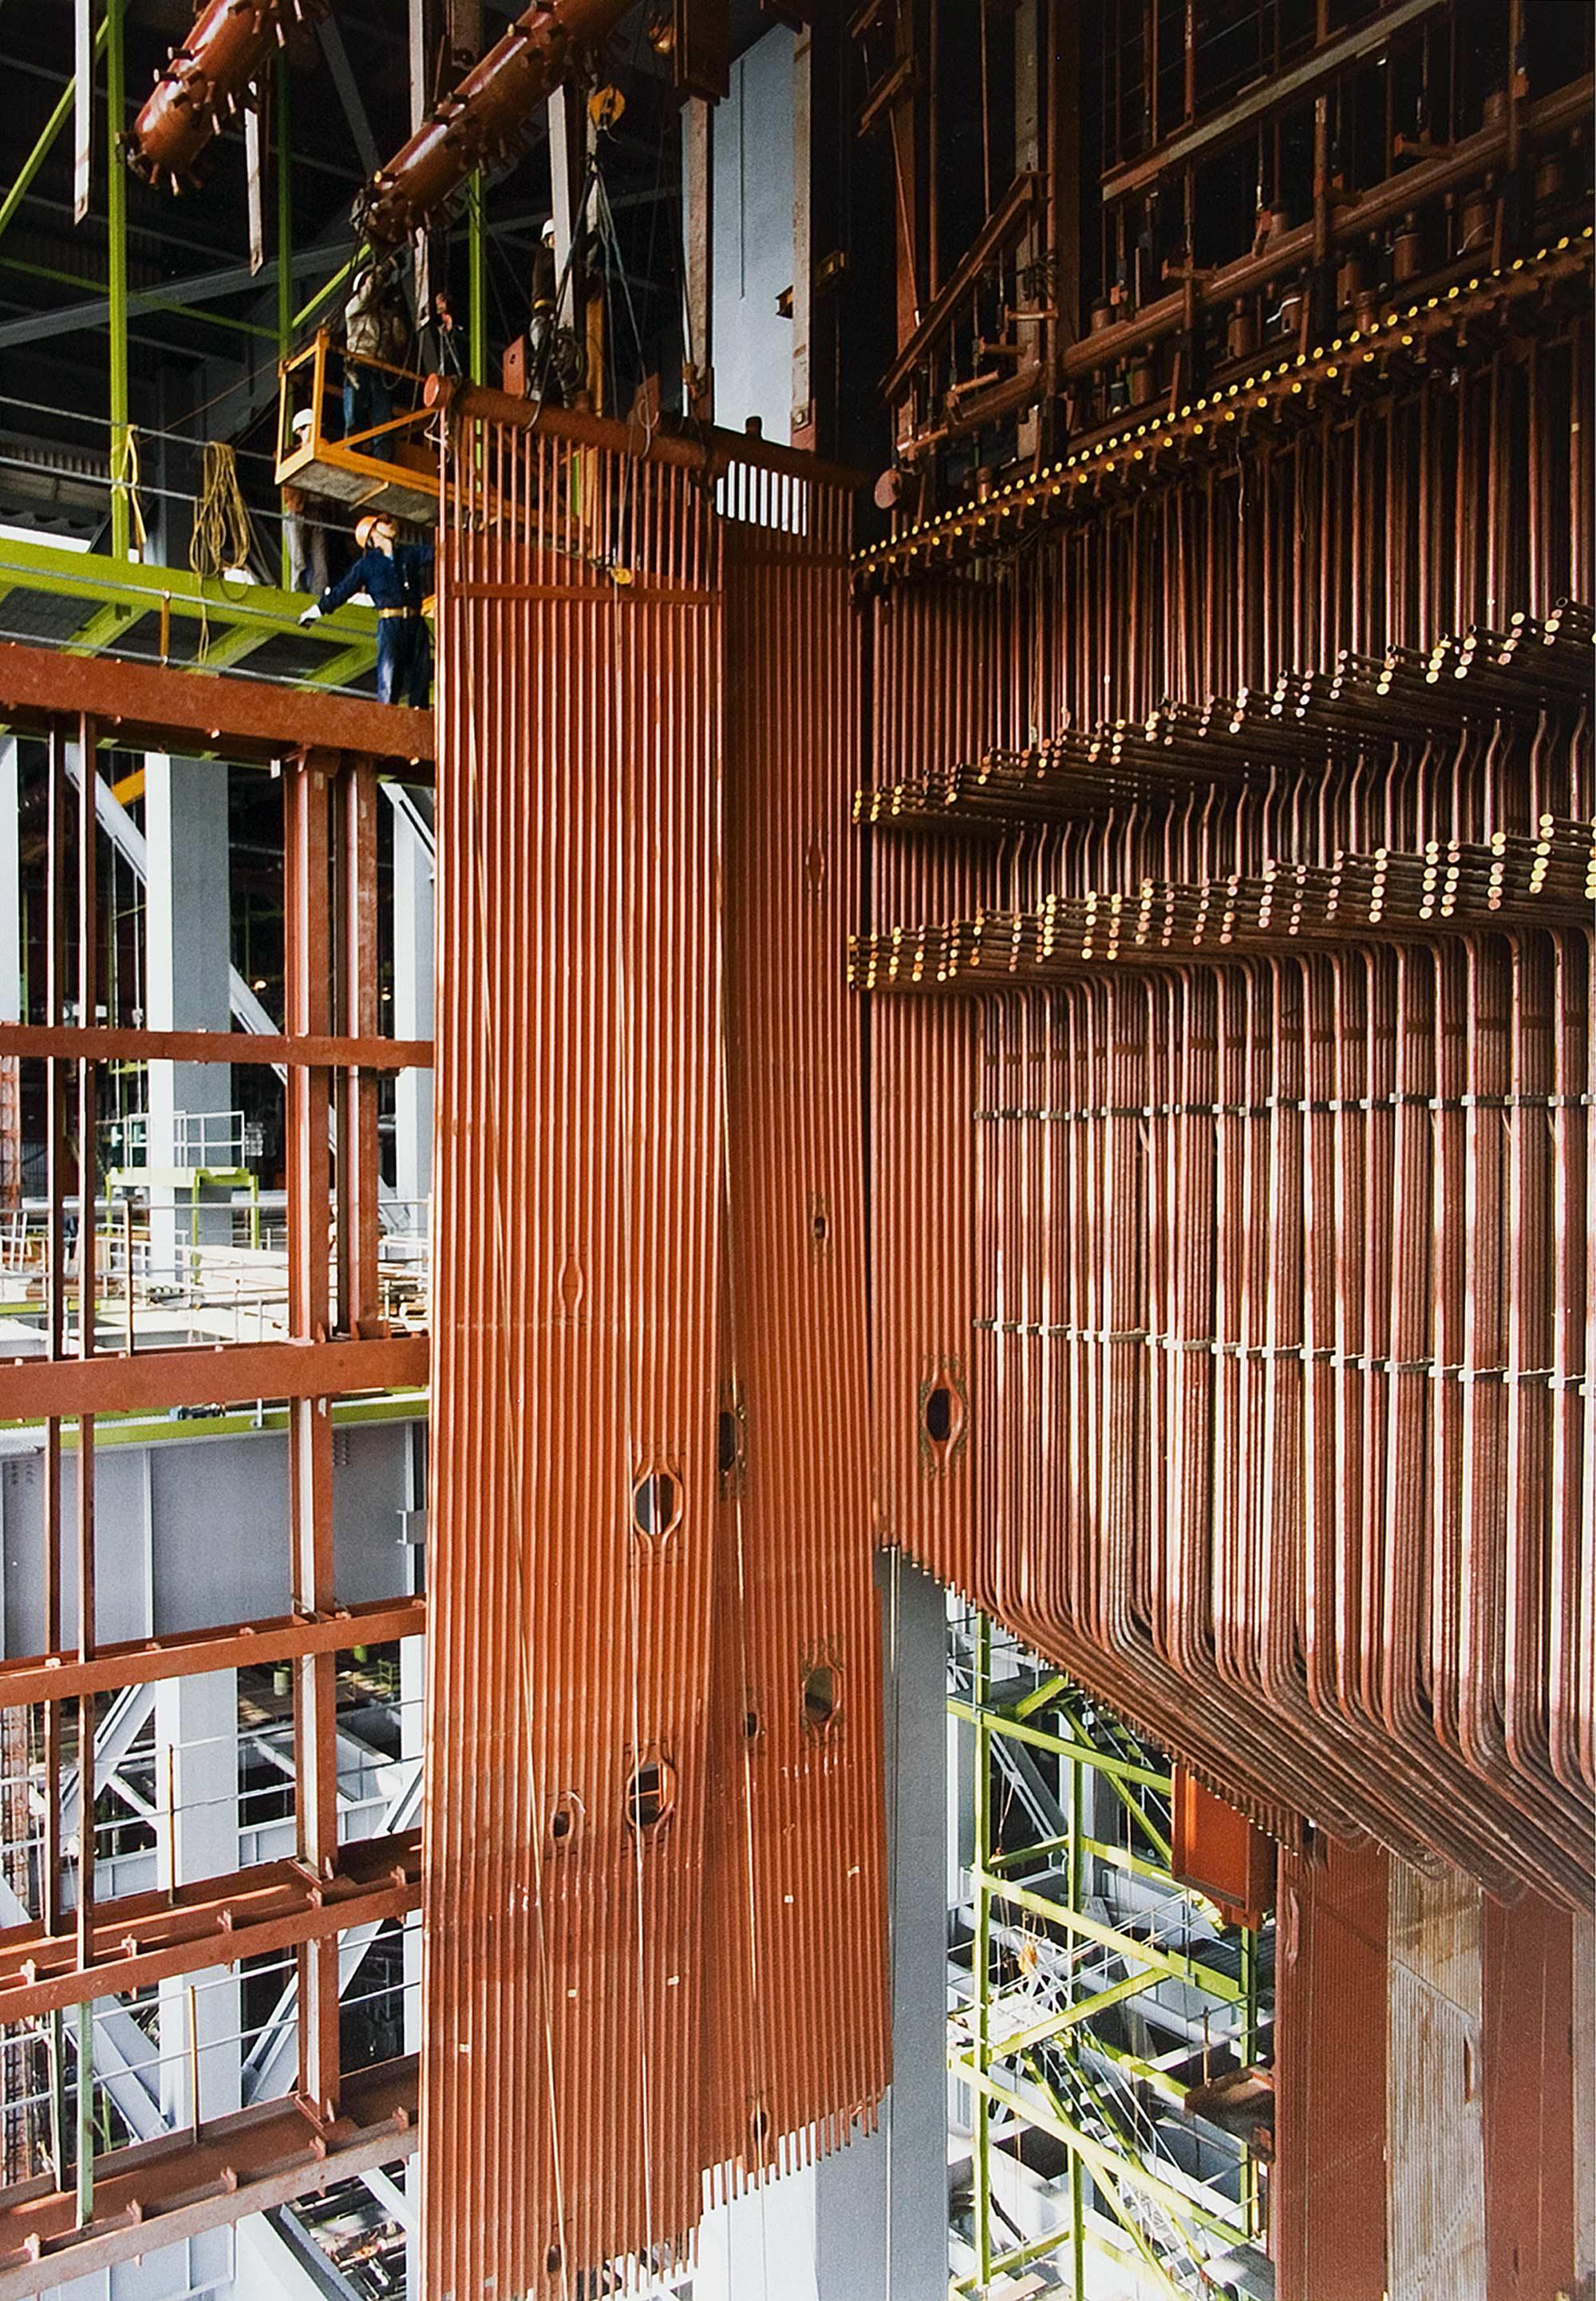 Boiler Erection, Castle Peak Power Station, Hong Kong